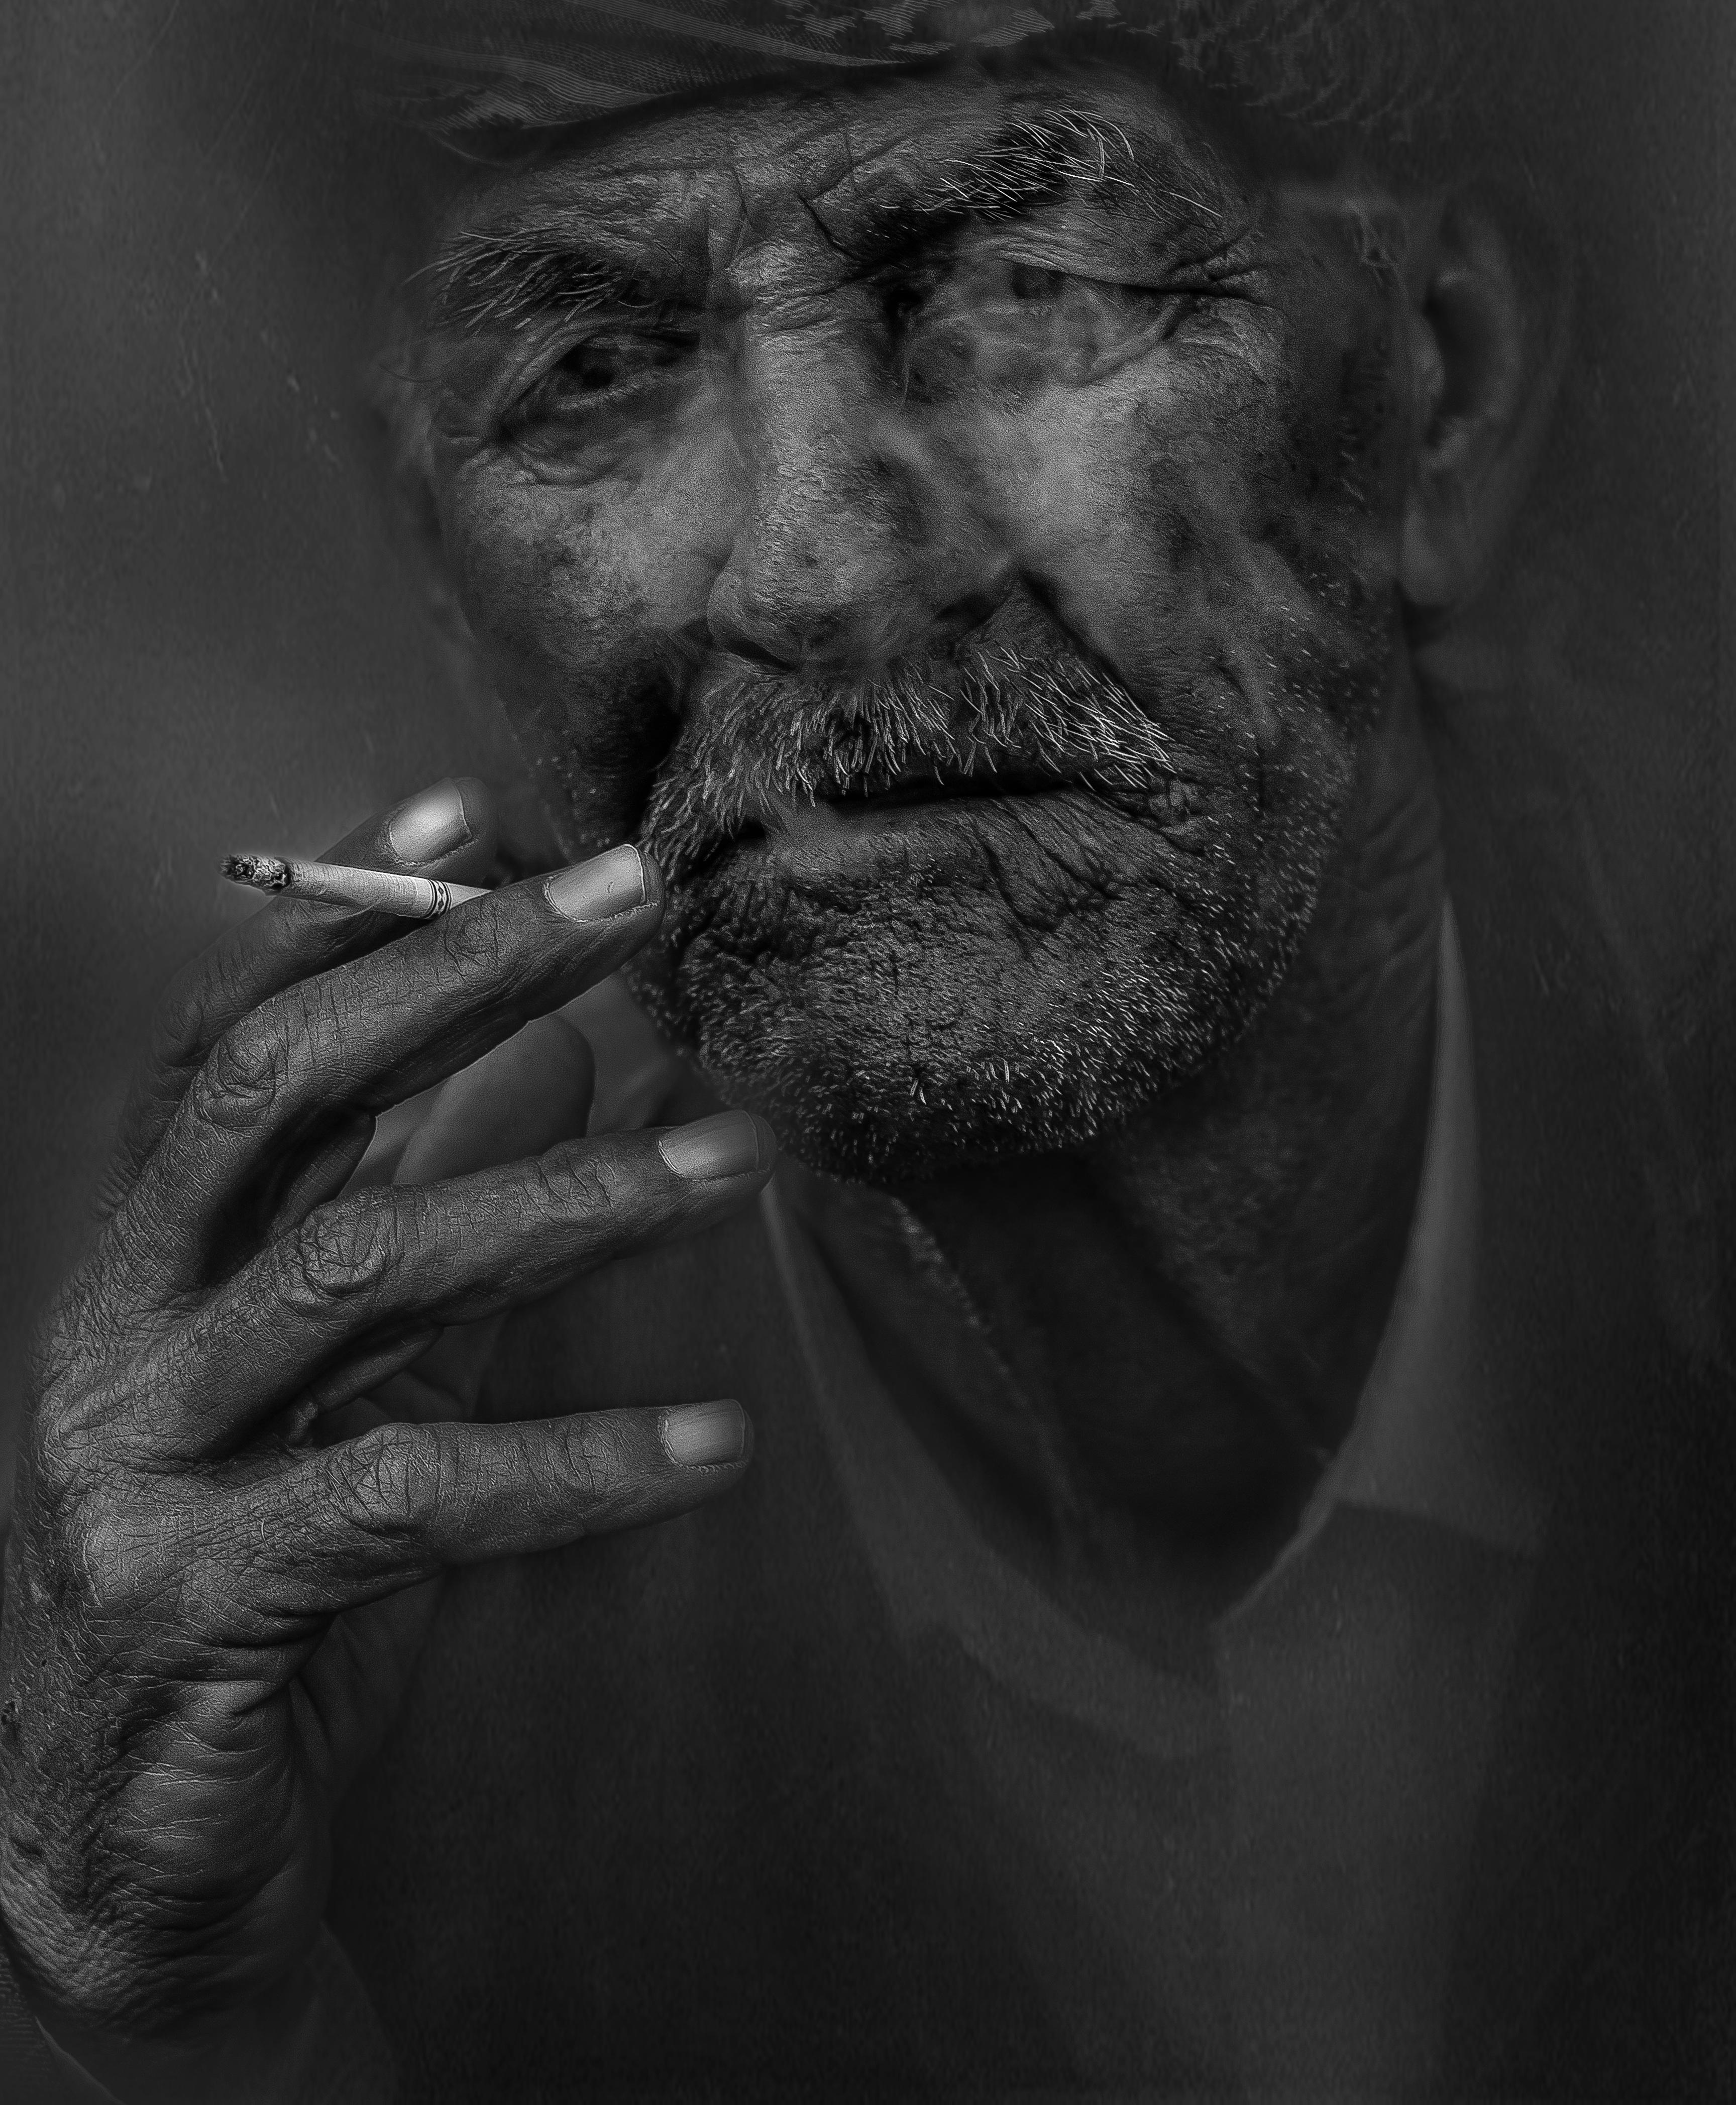 картинка старик с сигарой маленькие человечки, живущие